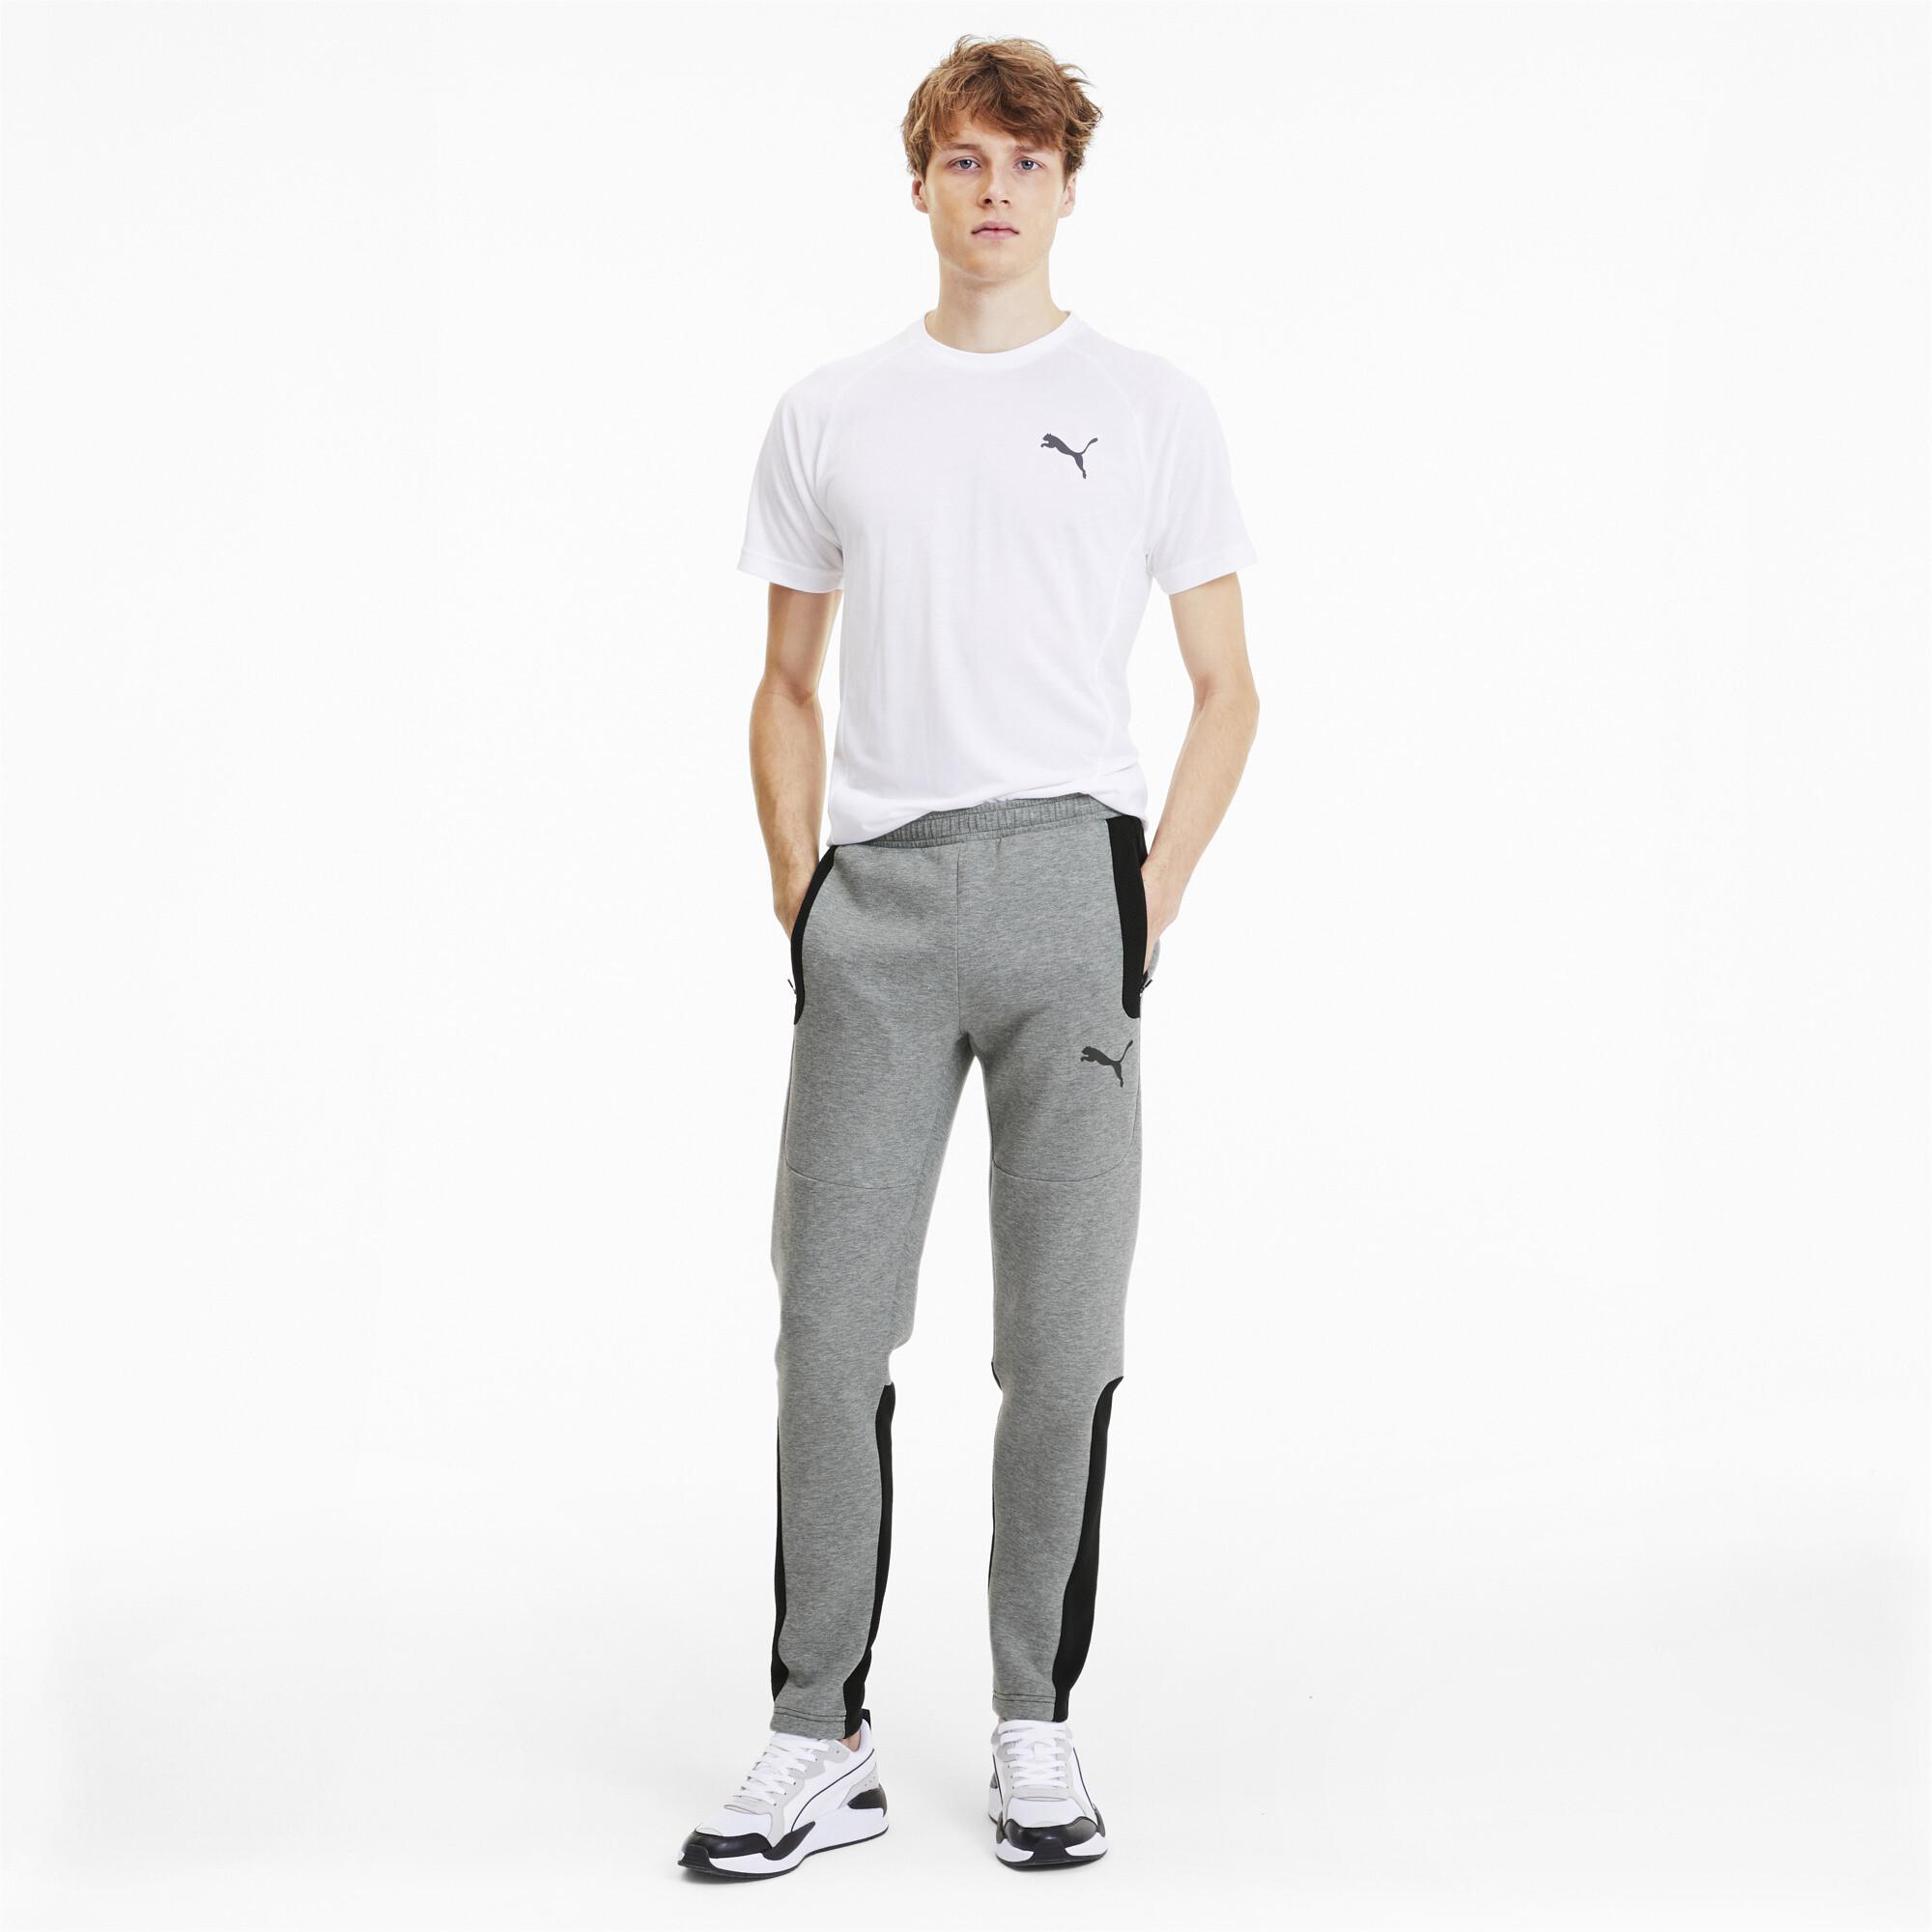 PUMA-Evostripe-Men-039-s-Sweatpants-Men-Knitted-Pants-Basics thumbnail 12